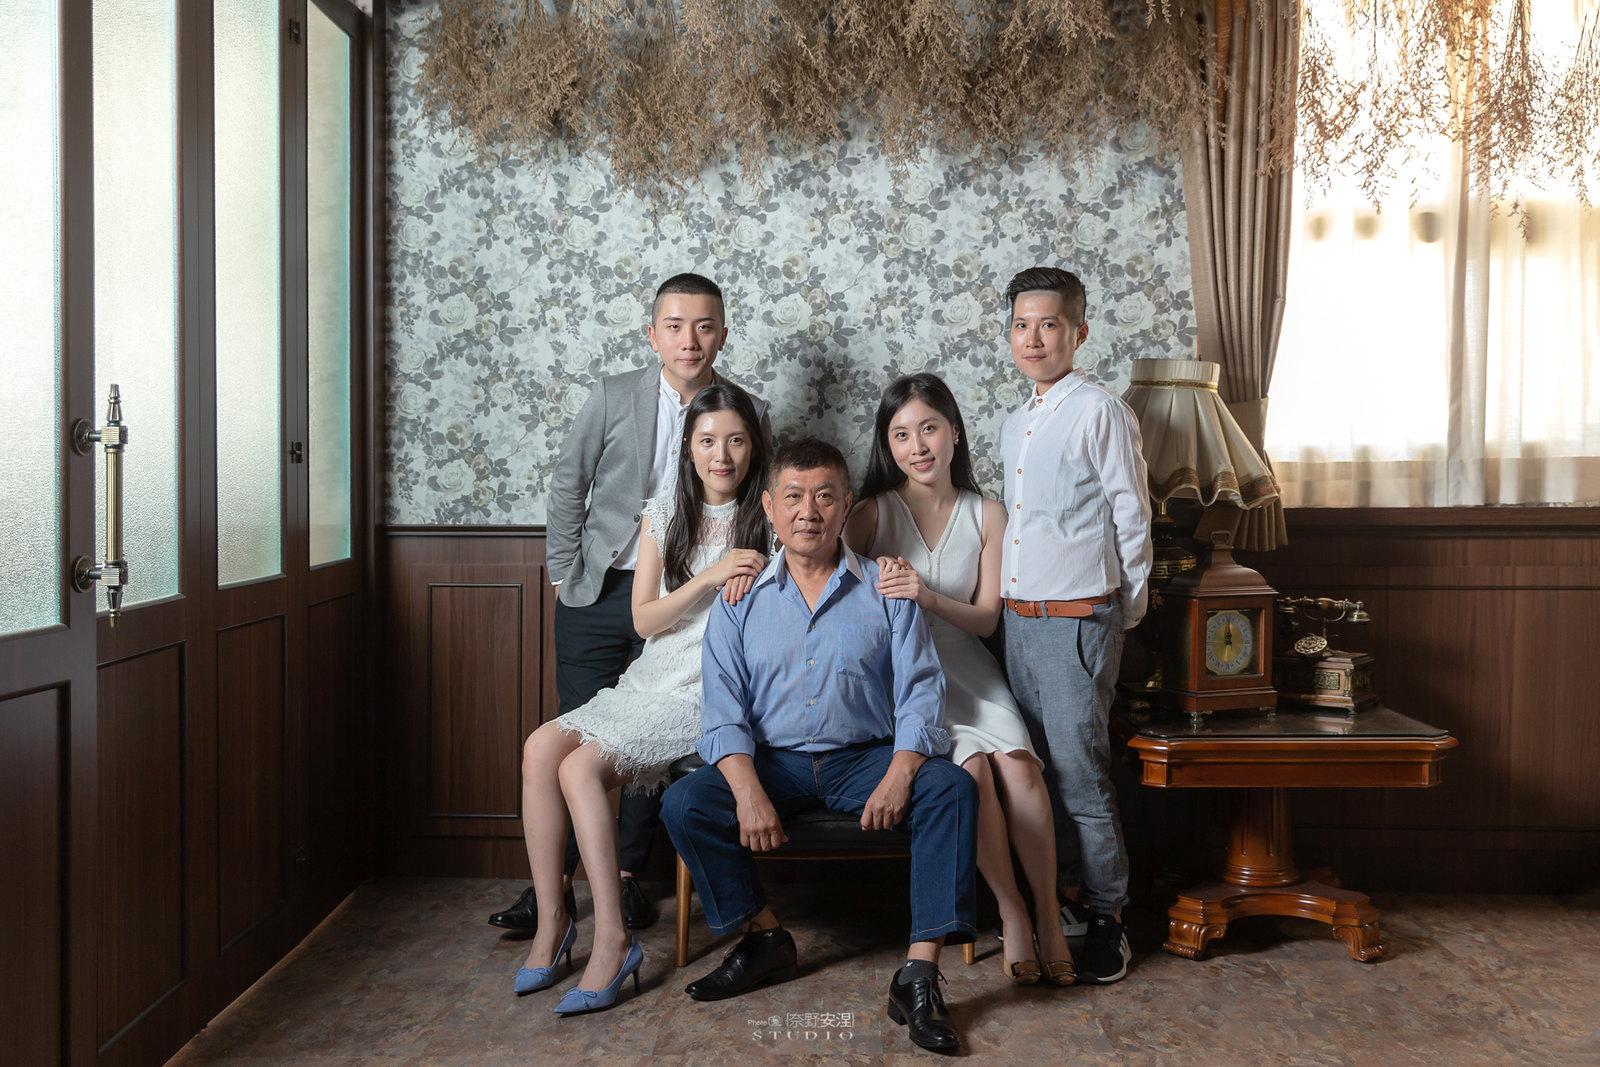 台南全家福 | 拋棄傳統合照的彆扭,忠實呈現家人間最親密的情感3